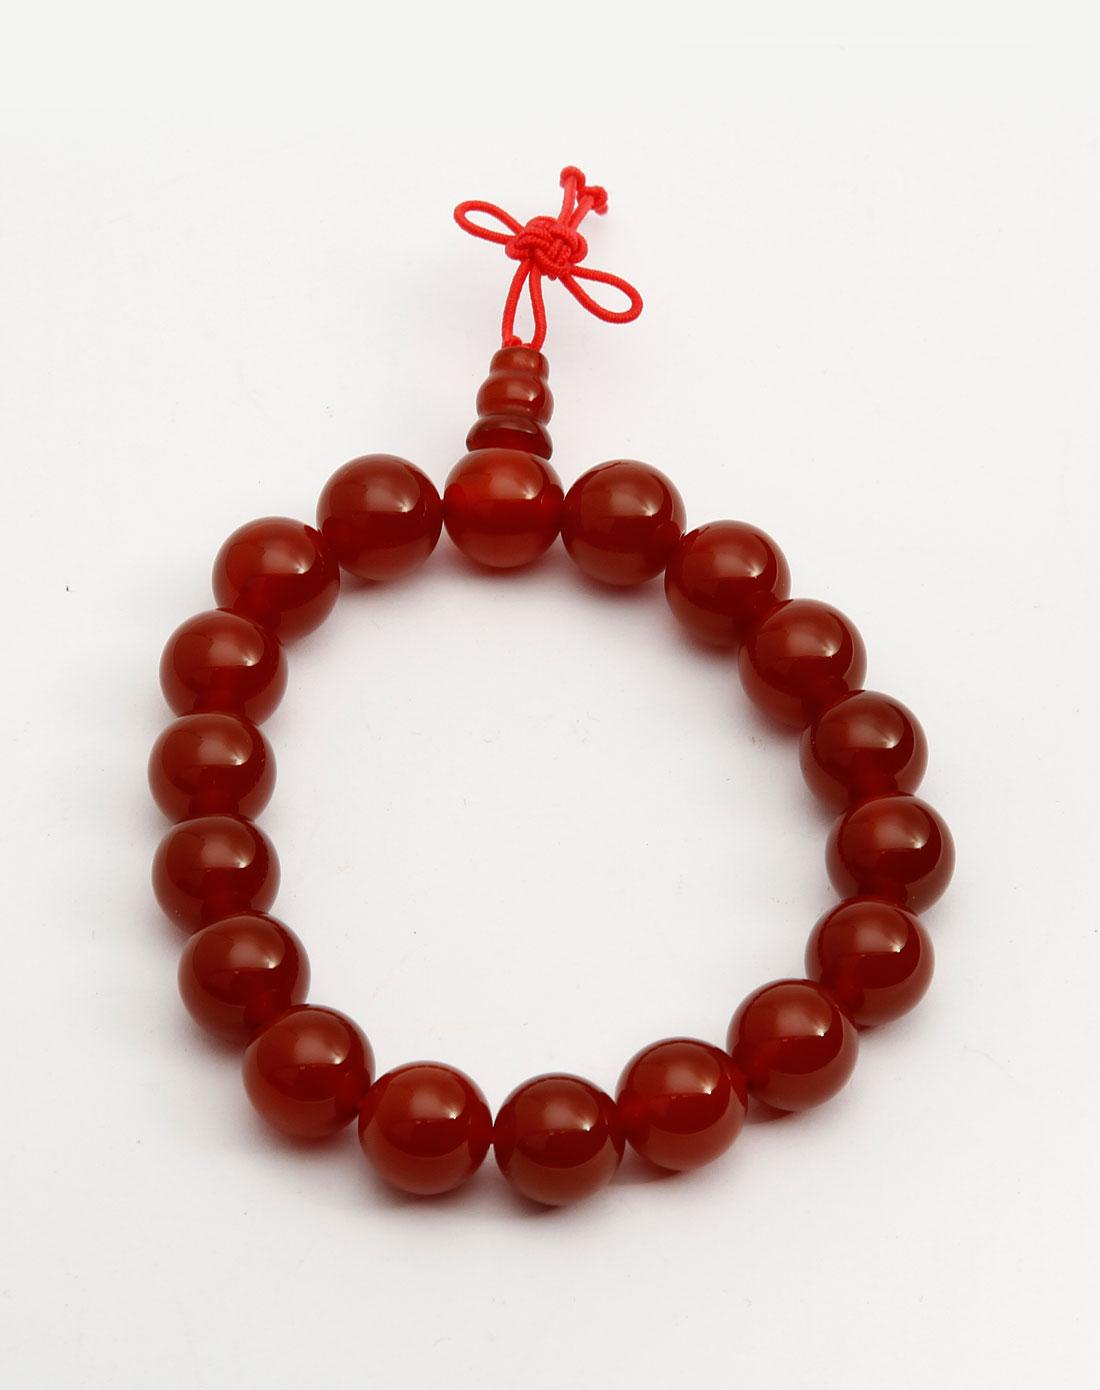 橘红色头�_橘红色休闲葫芦头手链